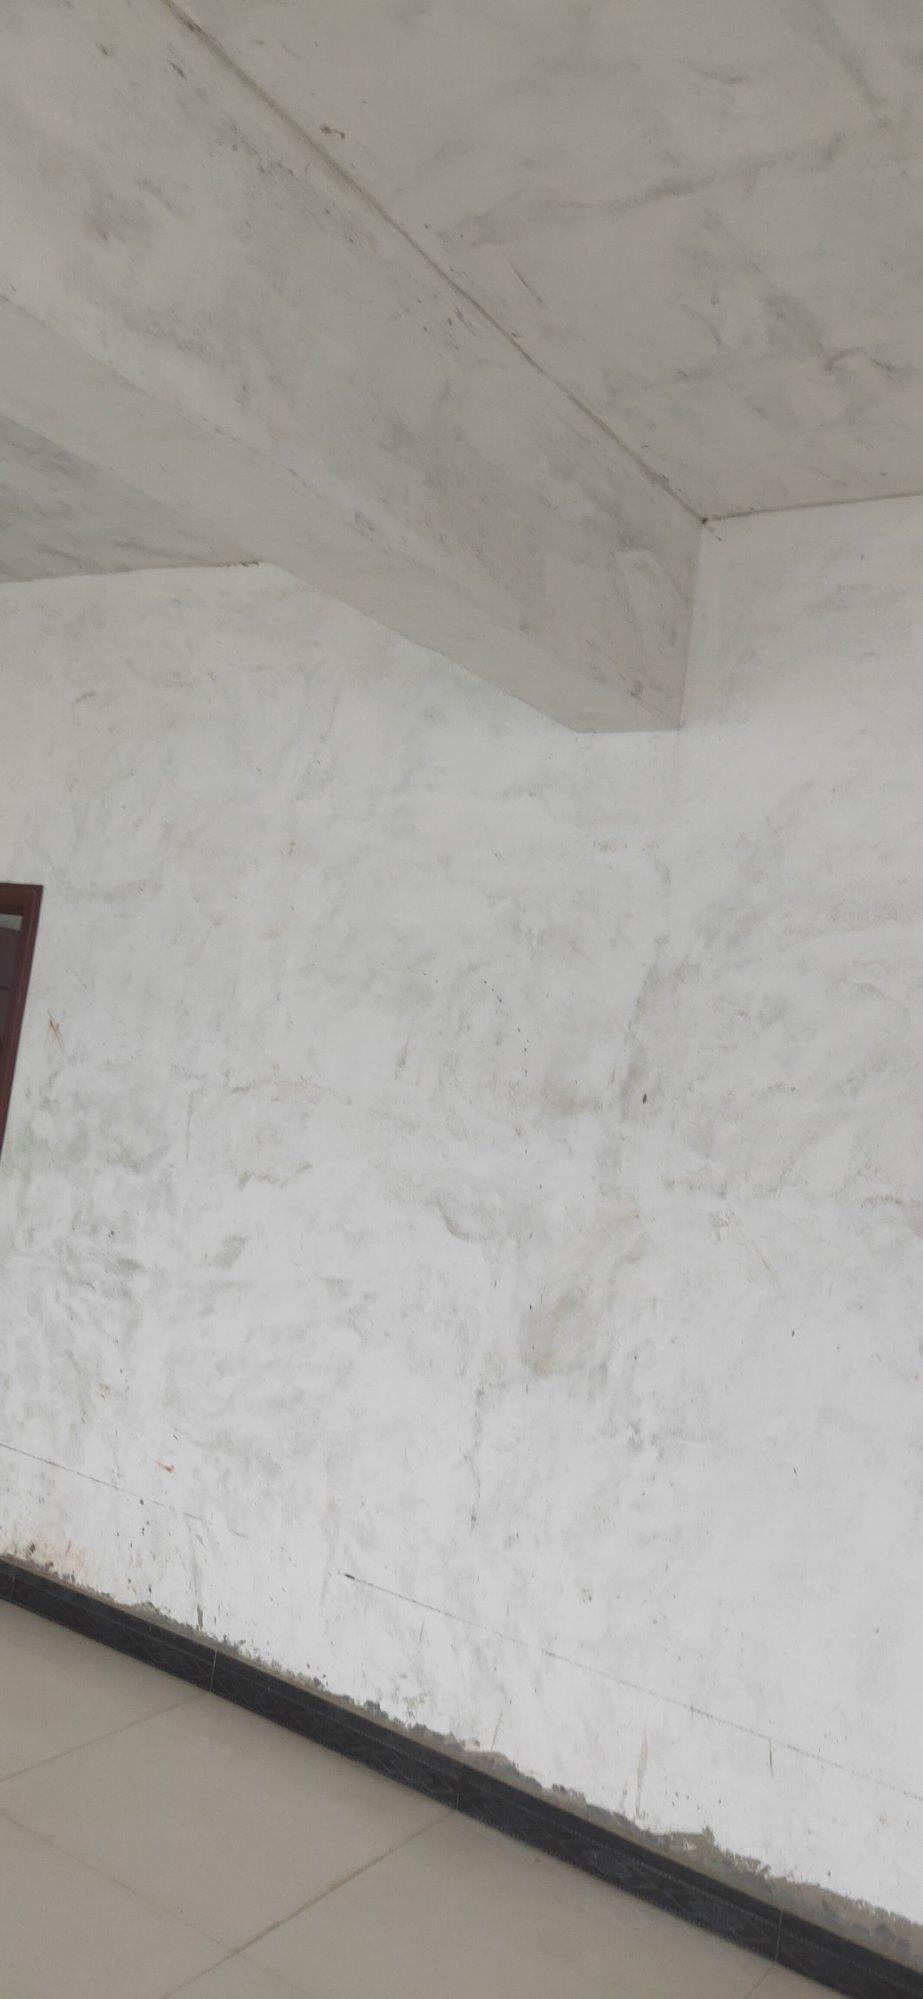 背景墙上面有竖梁怎么处理,有什么好建议吗